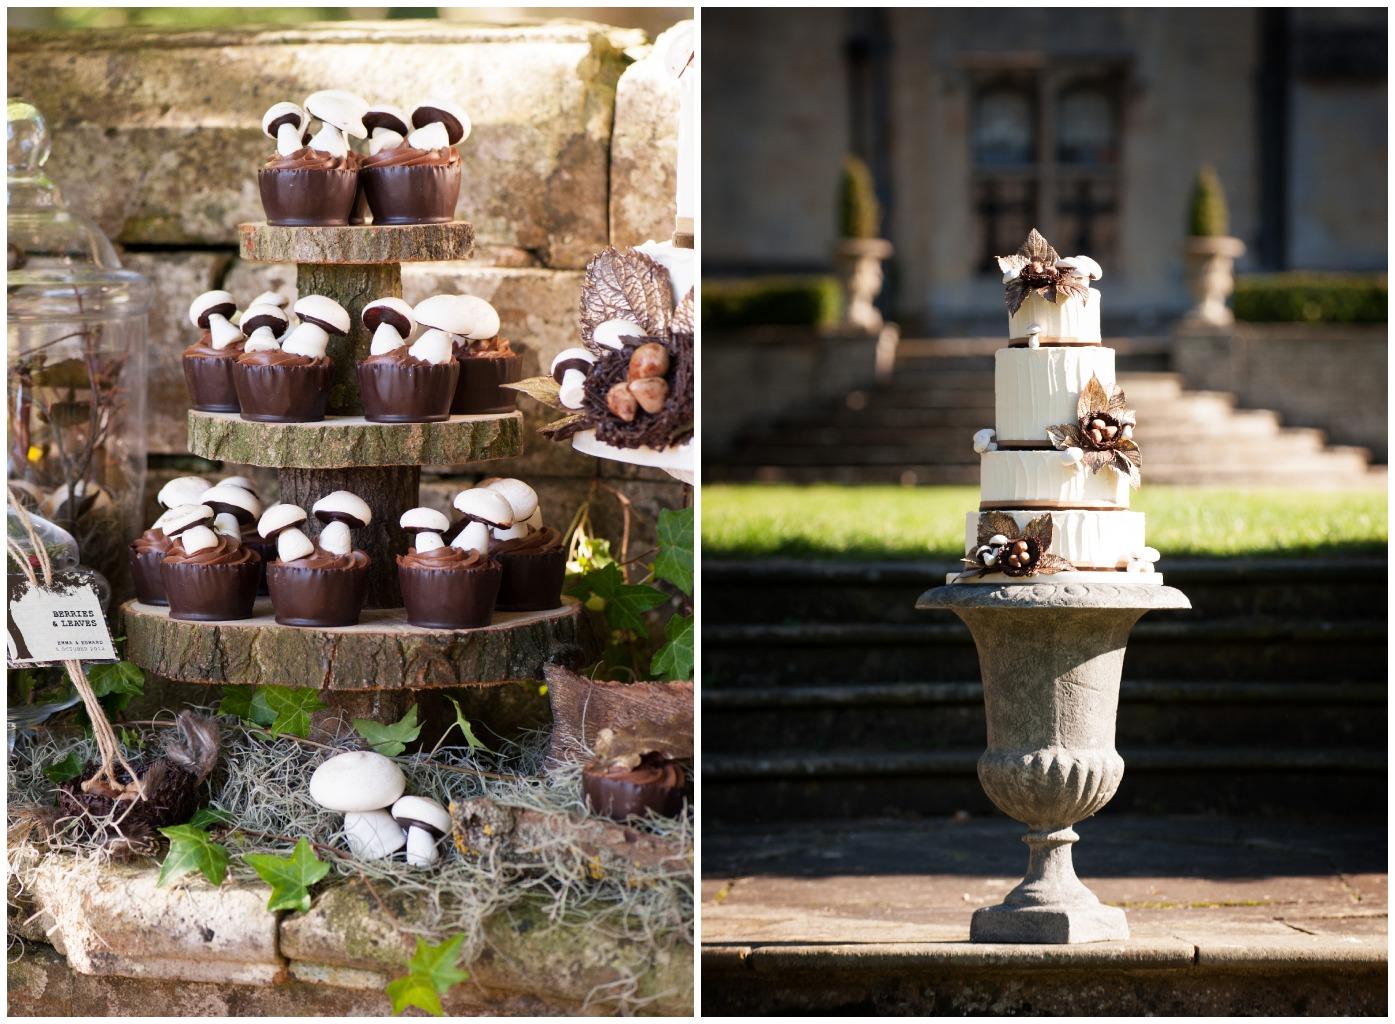 Woodland Themed Wedding Cake